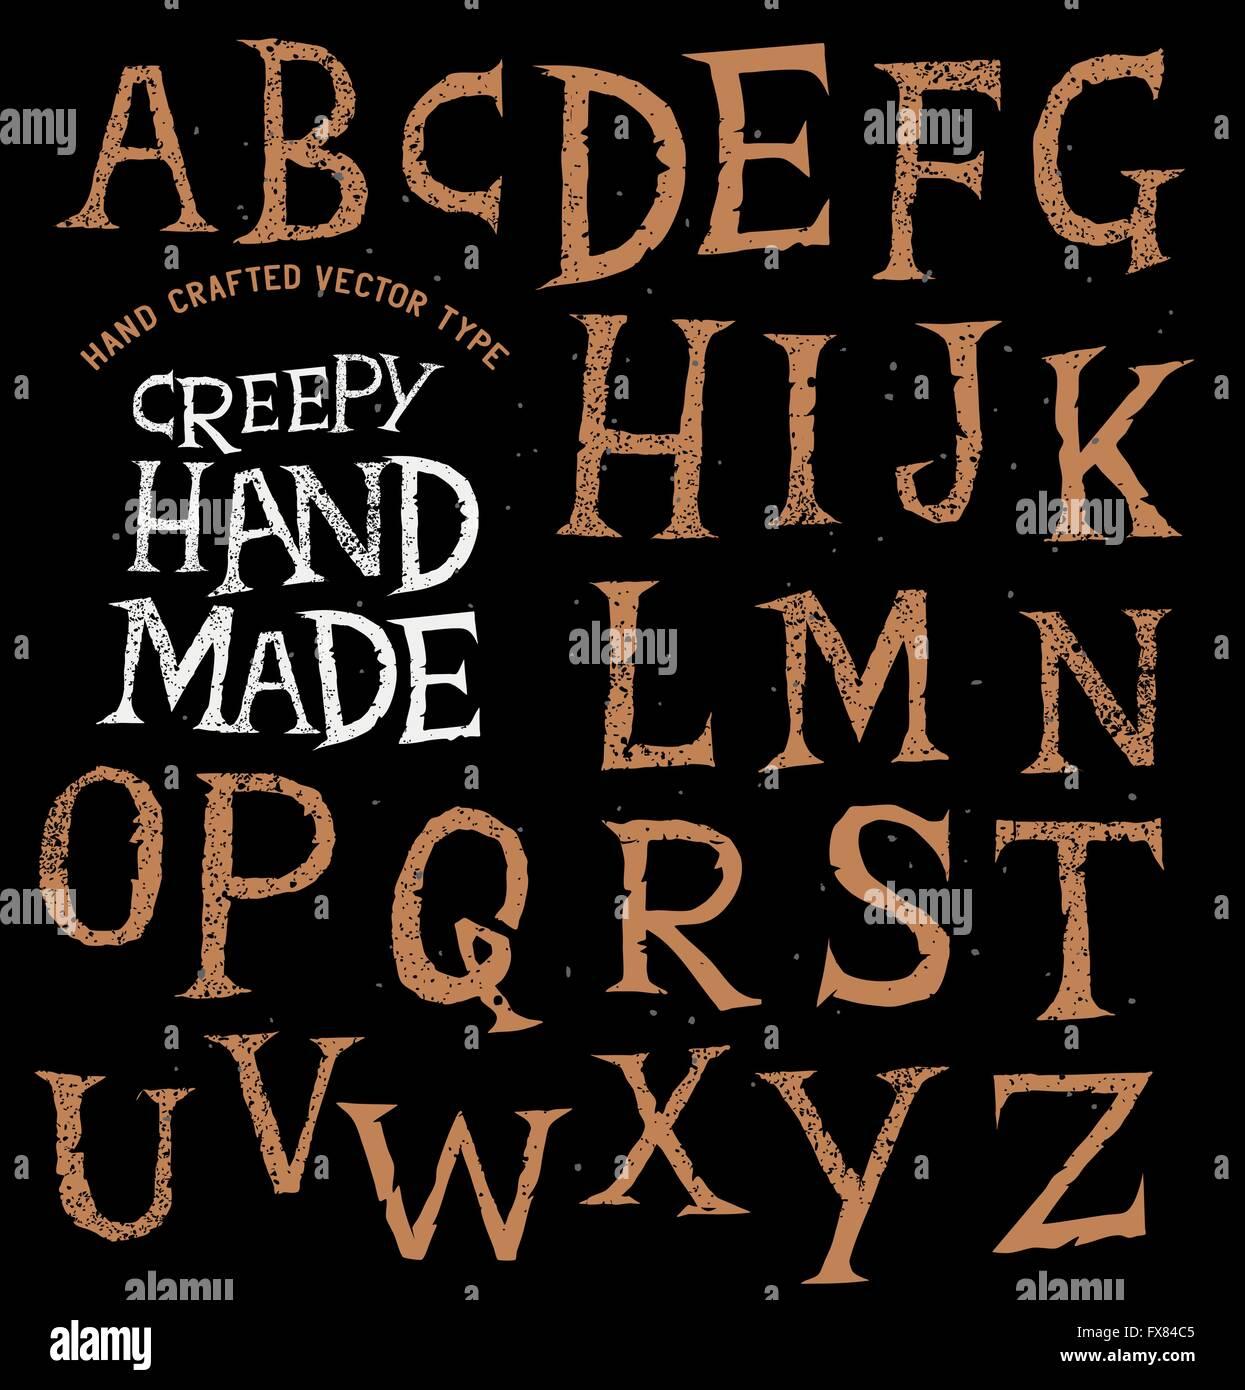 Gruselige alte handgemachte Schriftzug. Vektor-Illustration. Stockbild